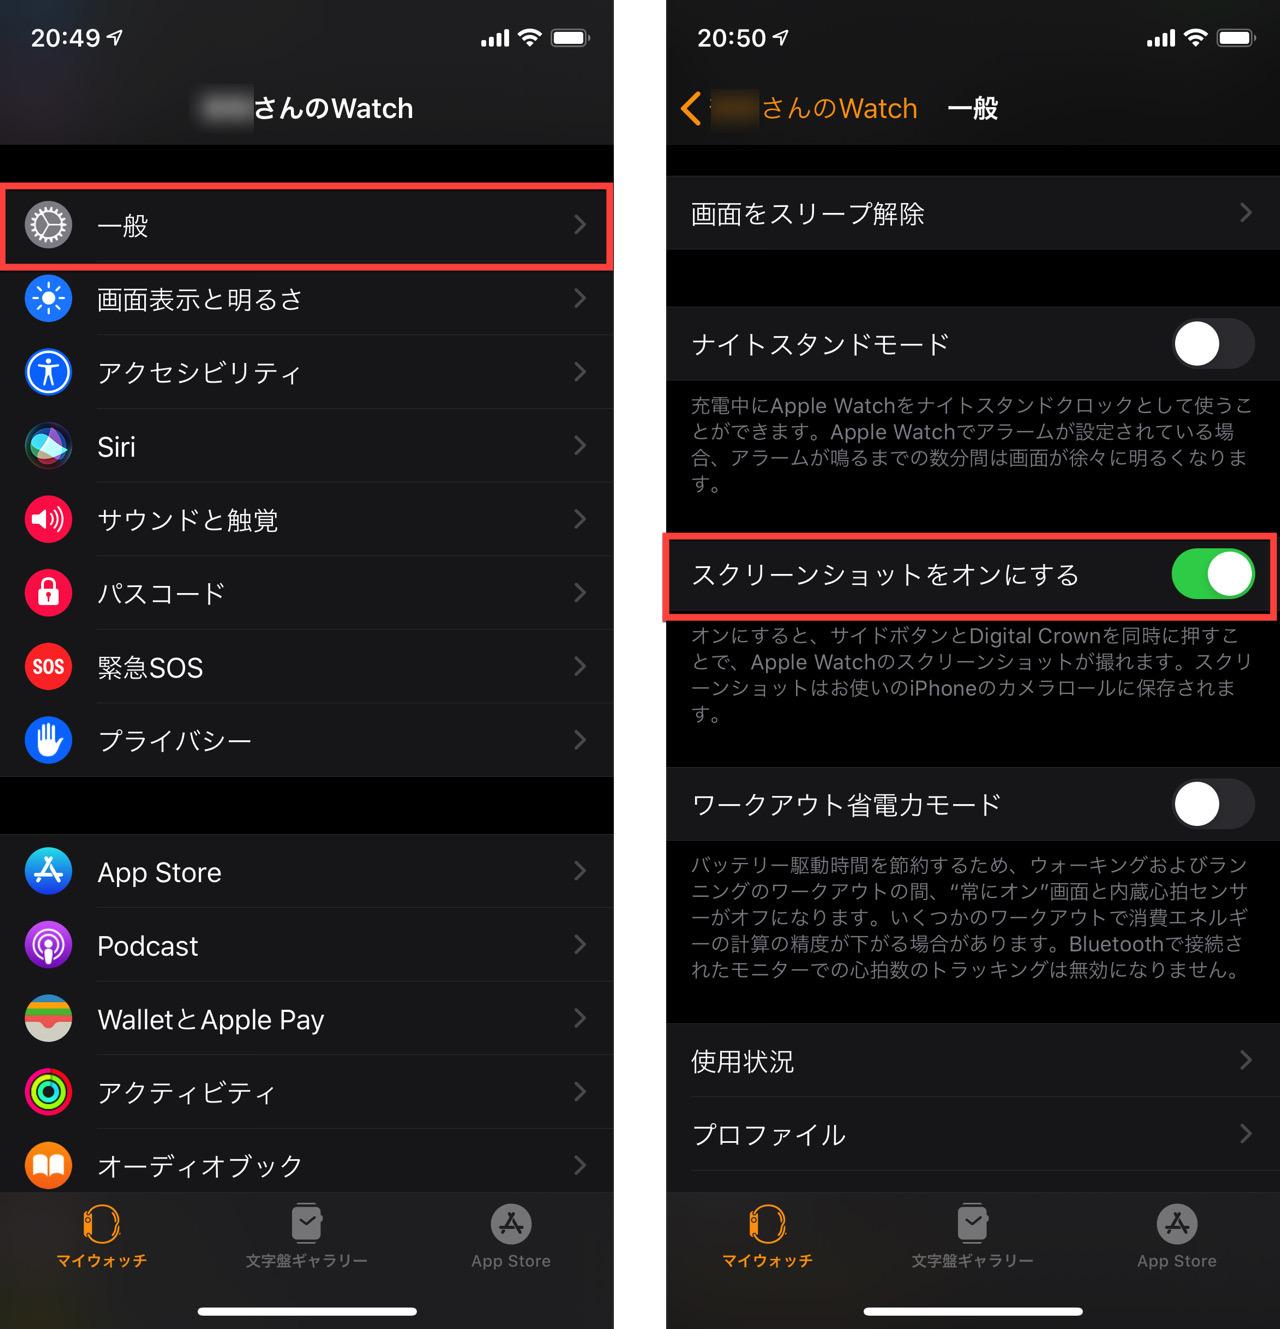 iPhoneの「Watch」アプリでスクリーンショット撮影を有効にする